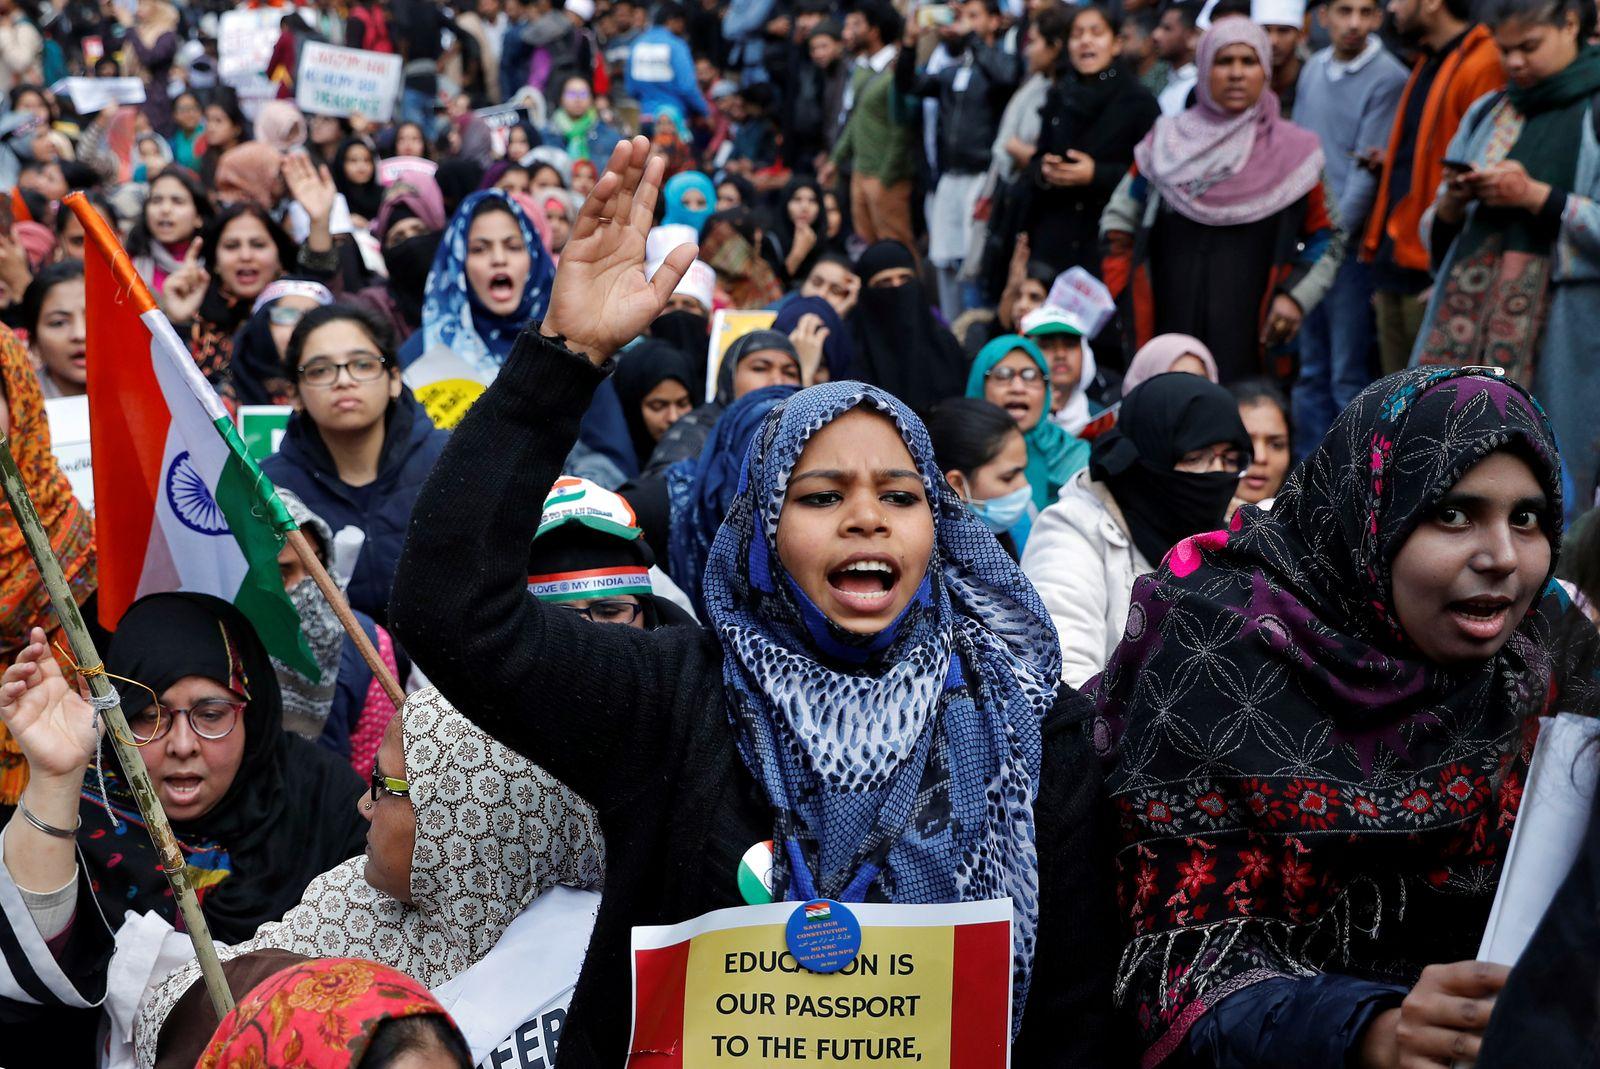 Demonstrantinnen und Demonstranten vor der Jamia Millia Islamia Universität in Delhi protestieren gegen die geplante Gesetzgebung